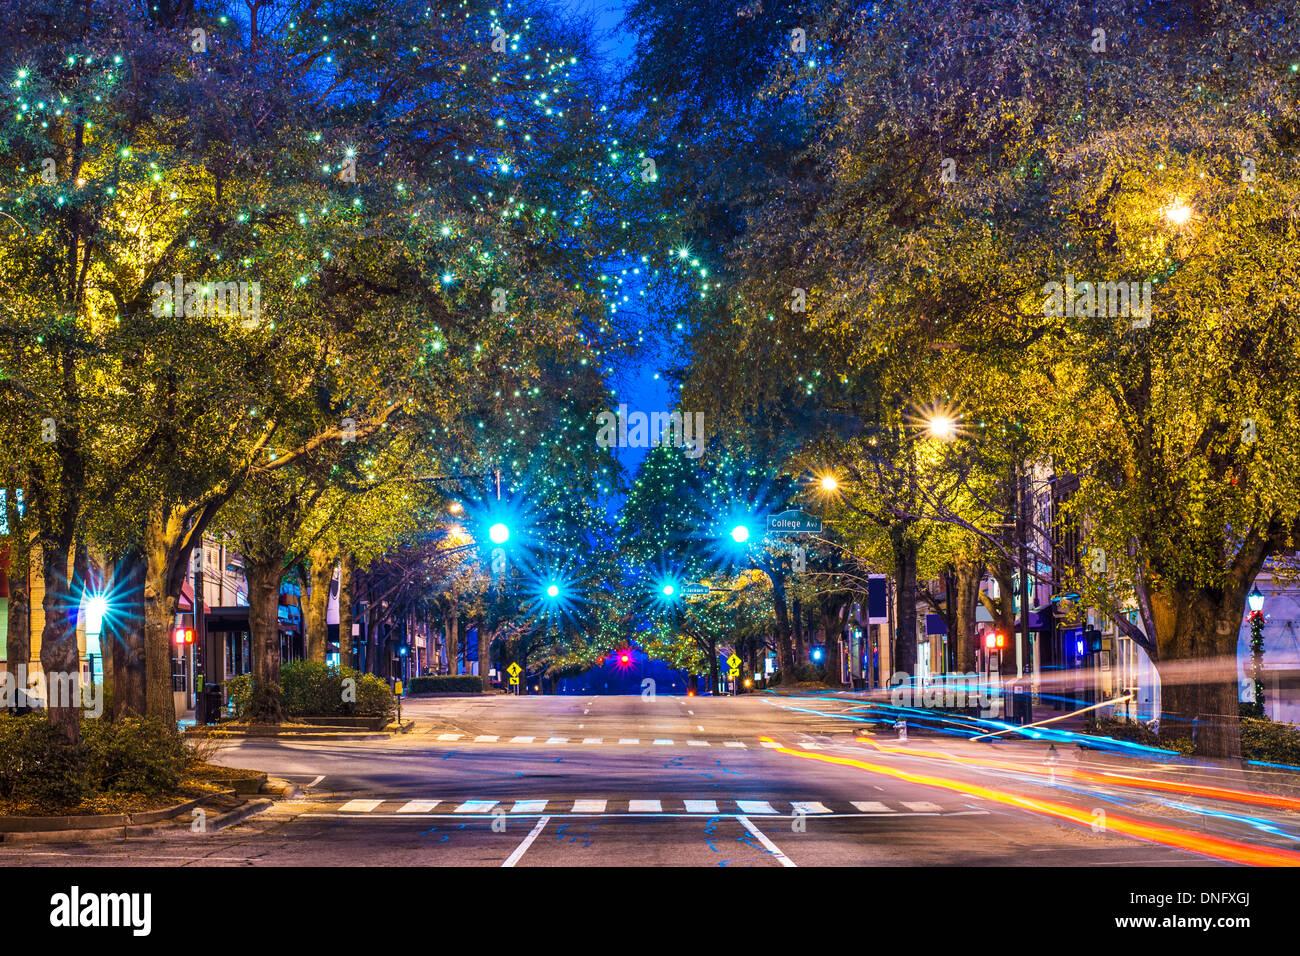 Die Innenstadt von Athen, Georgia, USA Nachtszene. Stockbild